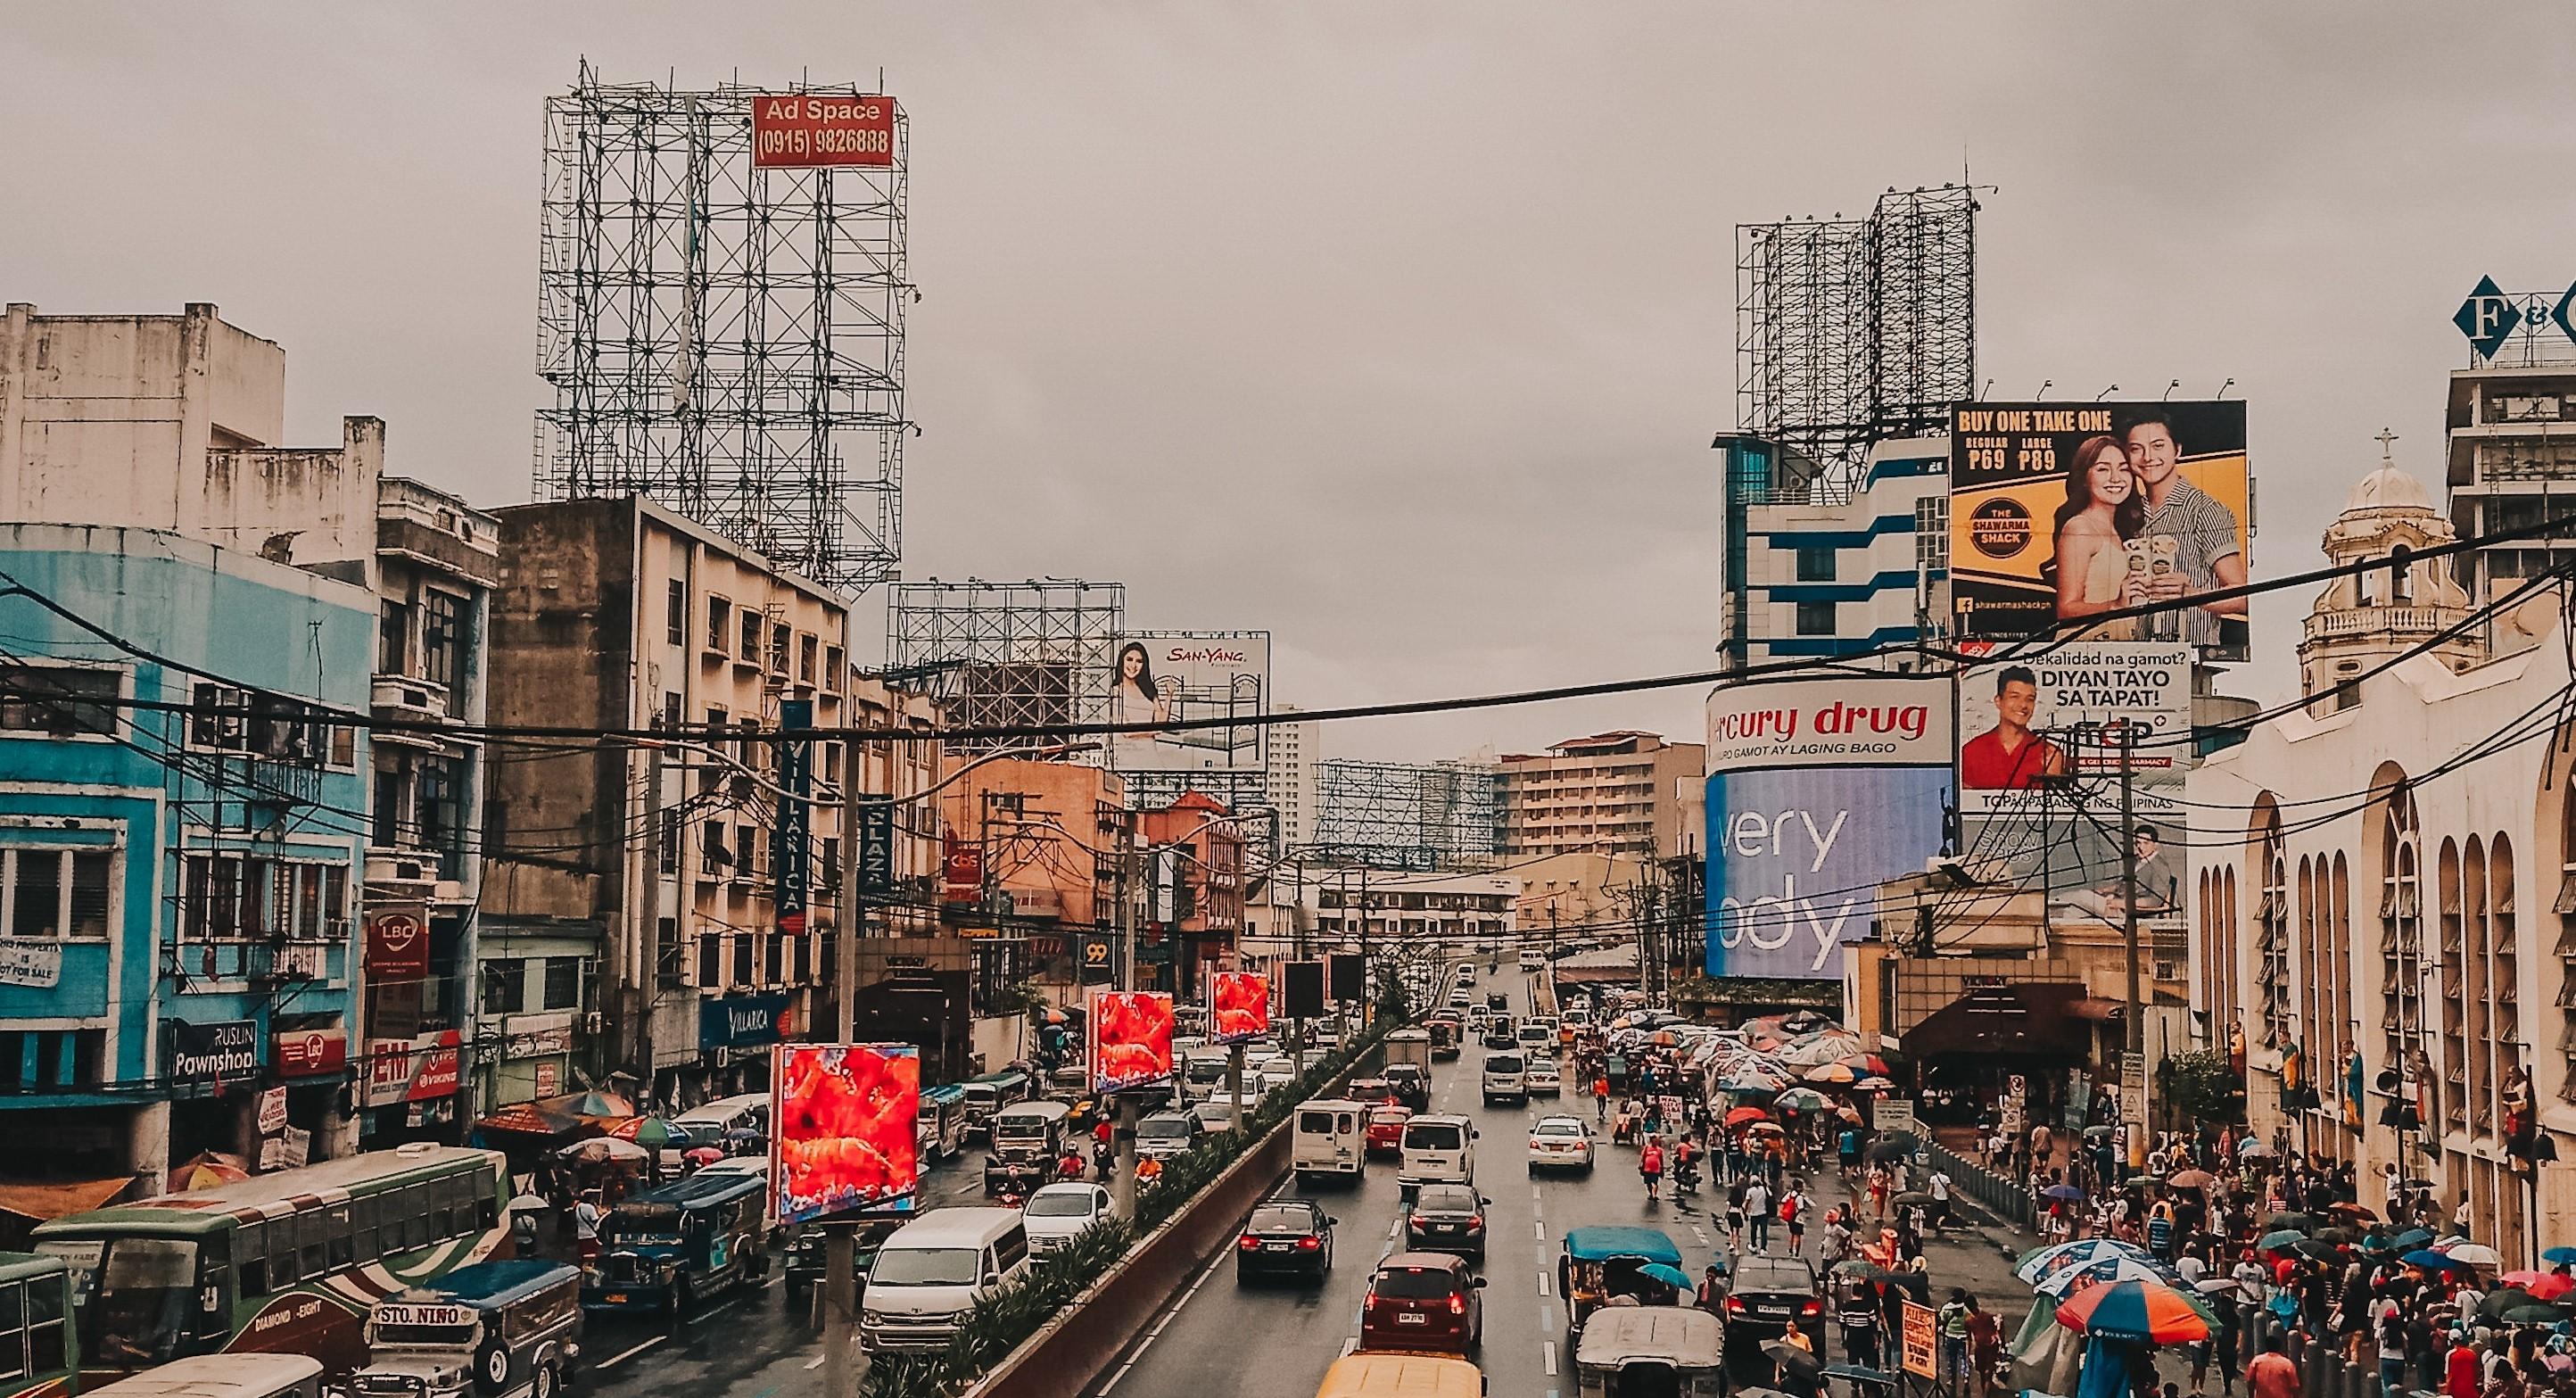 Philippines Street